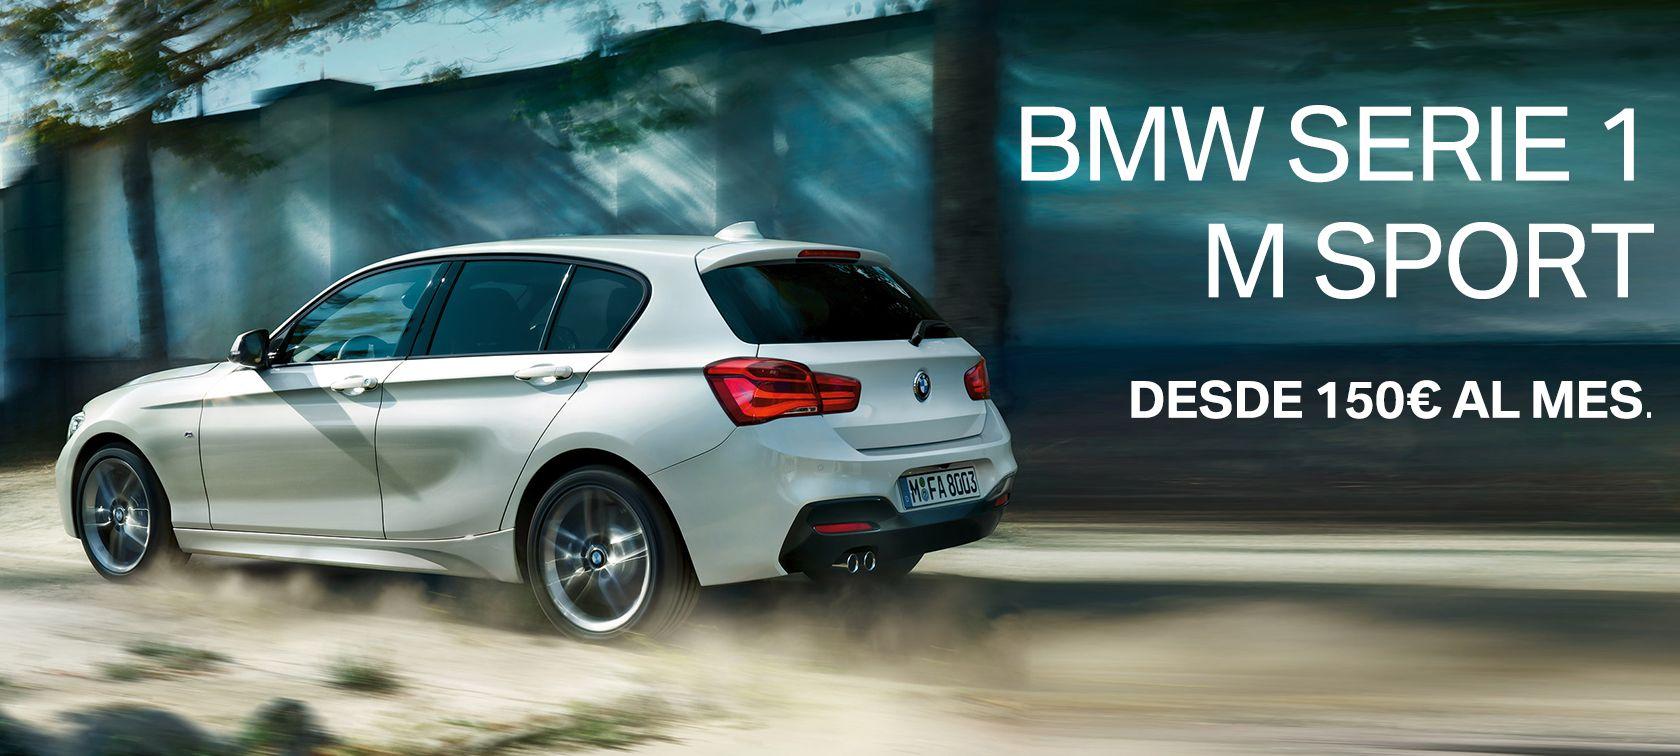 ¿Ese BMW Serie 1 M Sport es tuyo? Pues podría serlo.